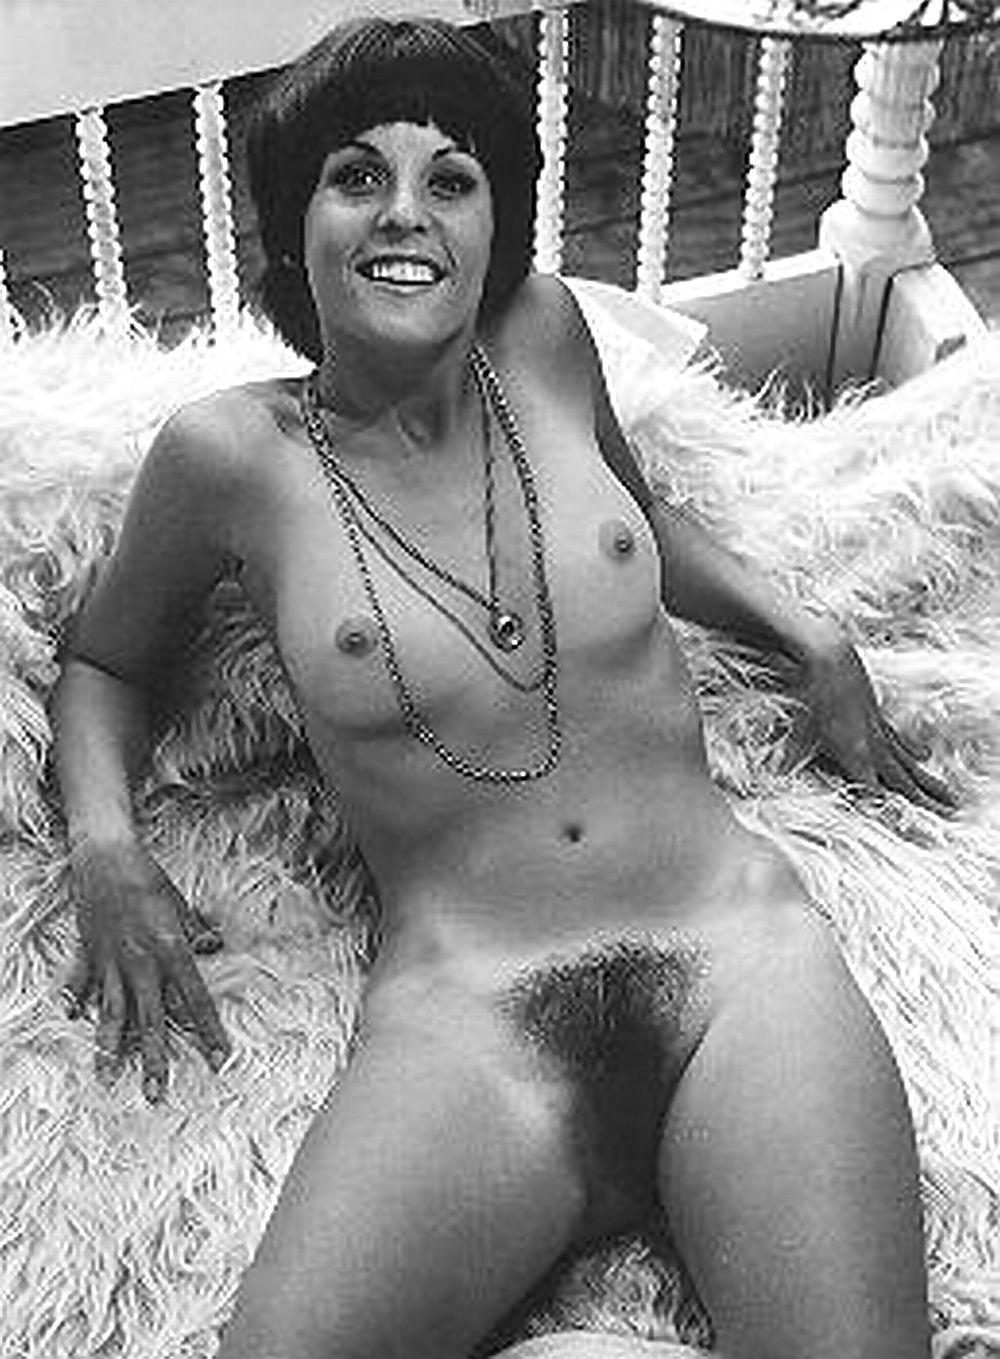 Xhamster naked